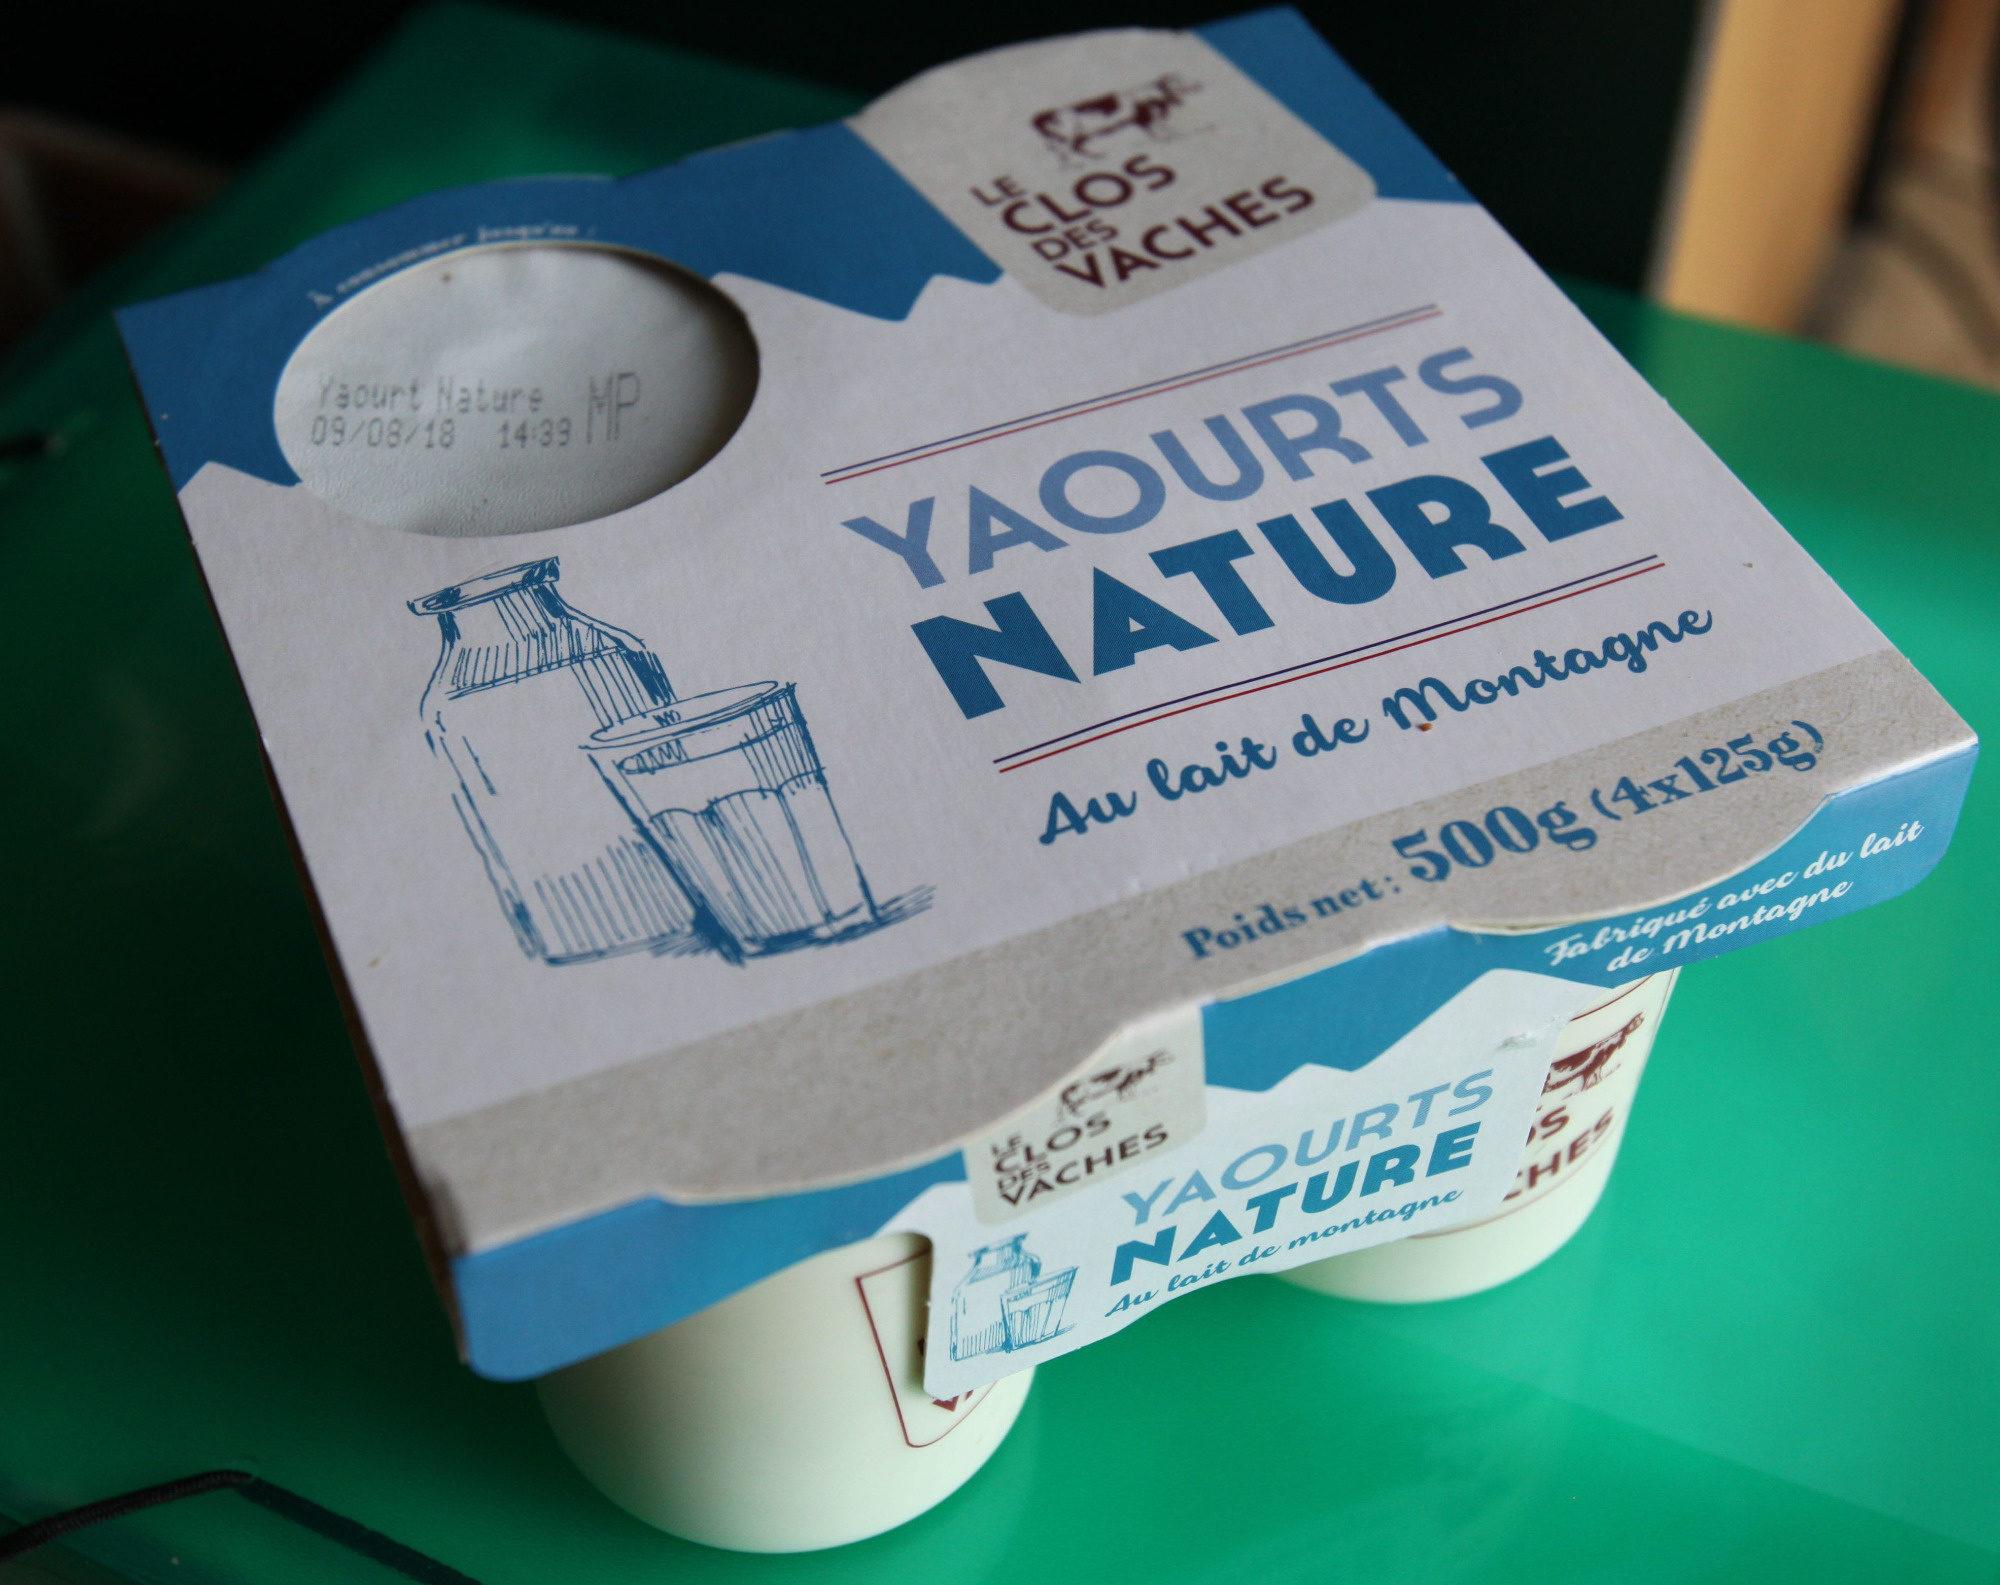 YAOURTS NATURE Au lait de Montagne - Product - fr